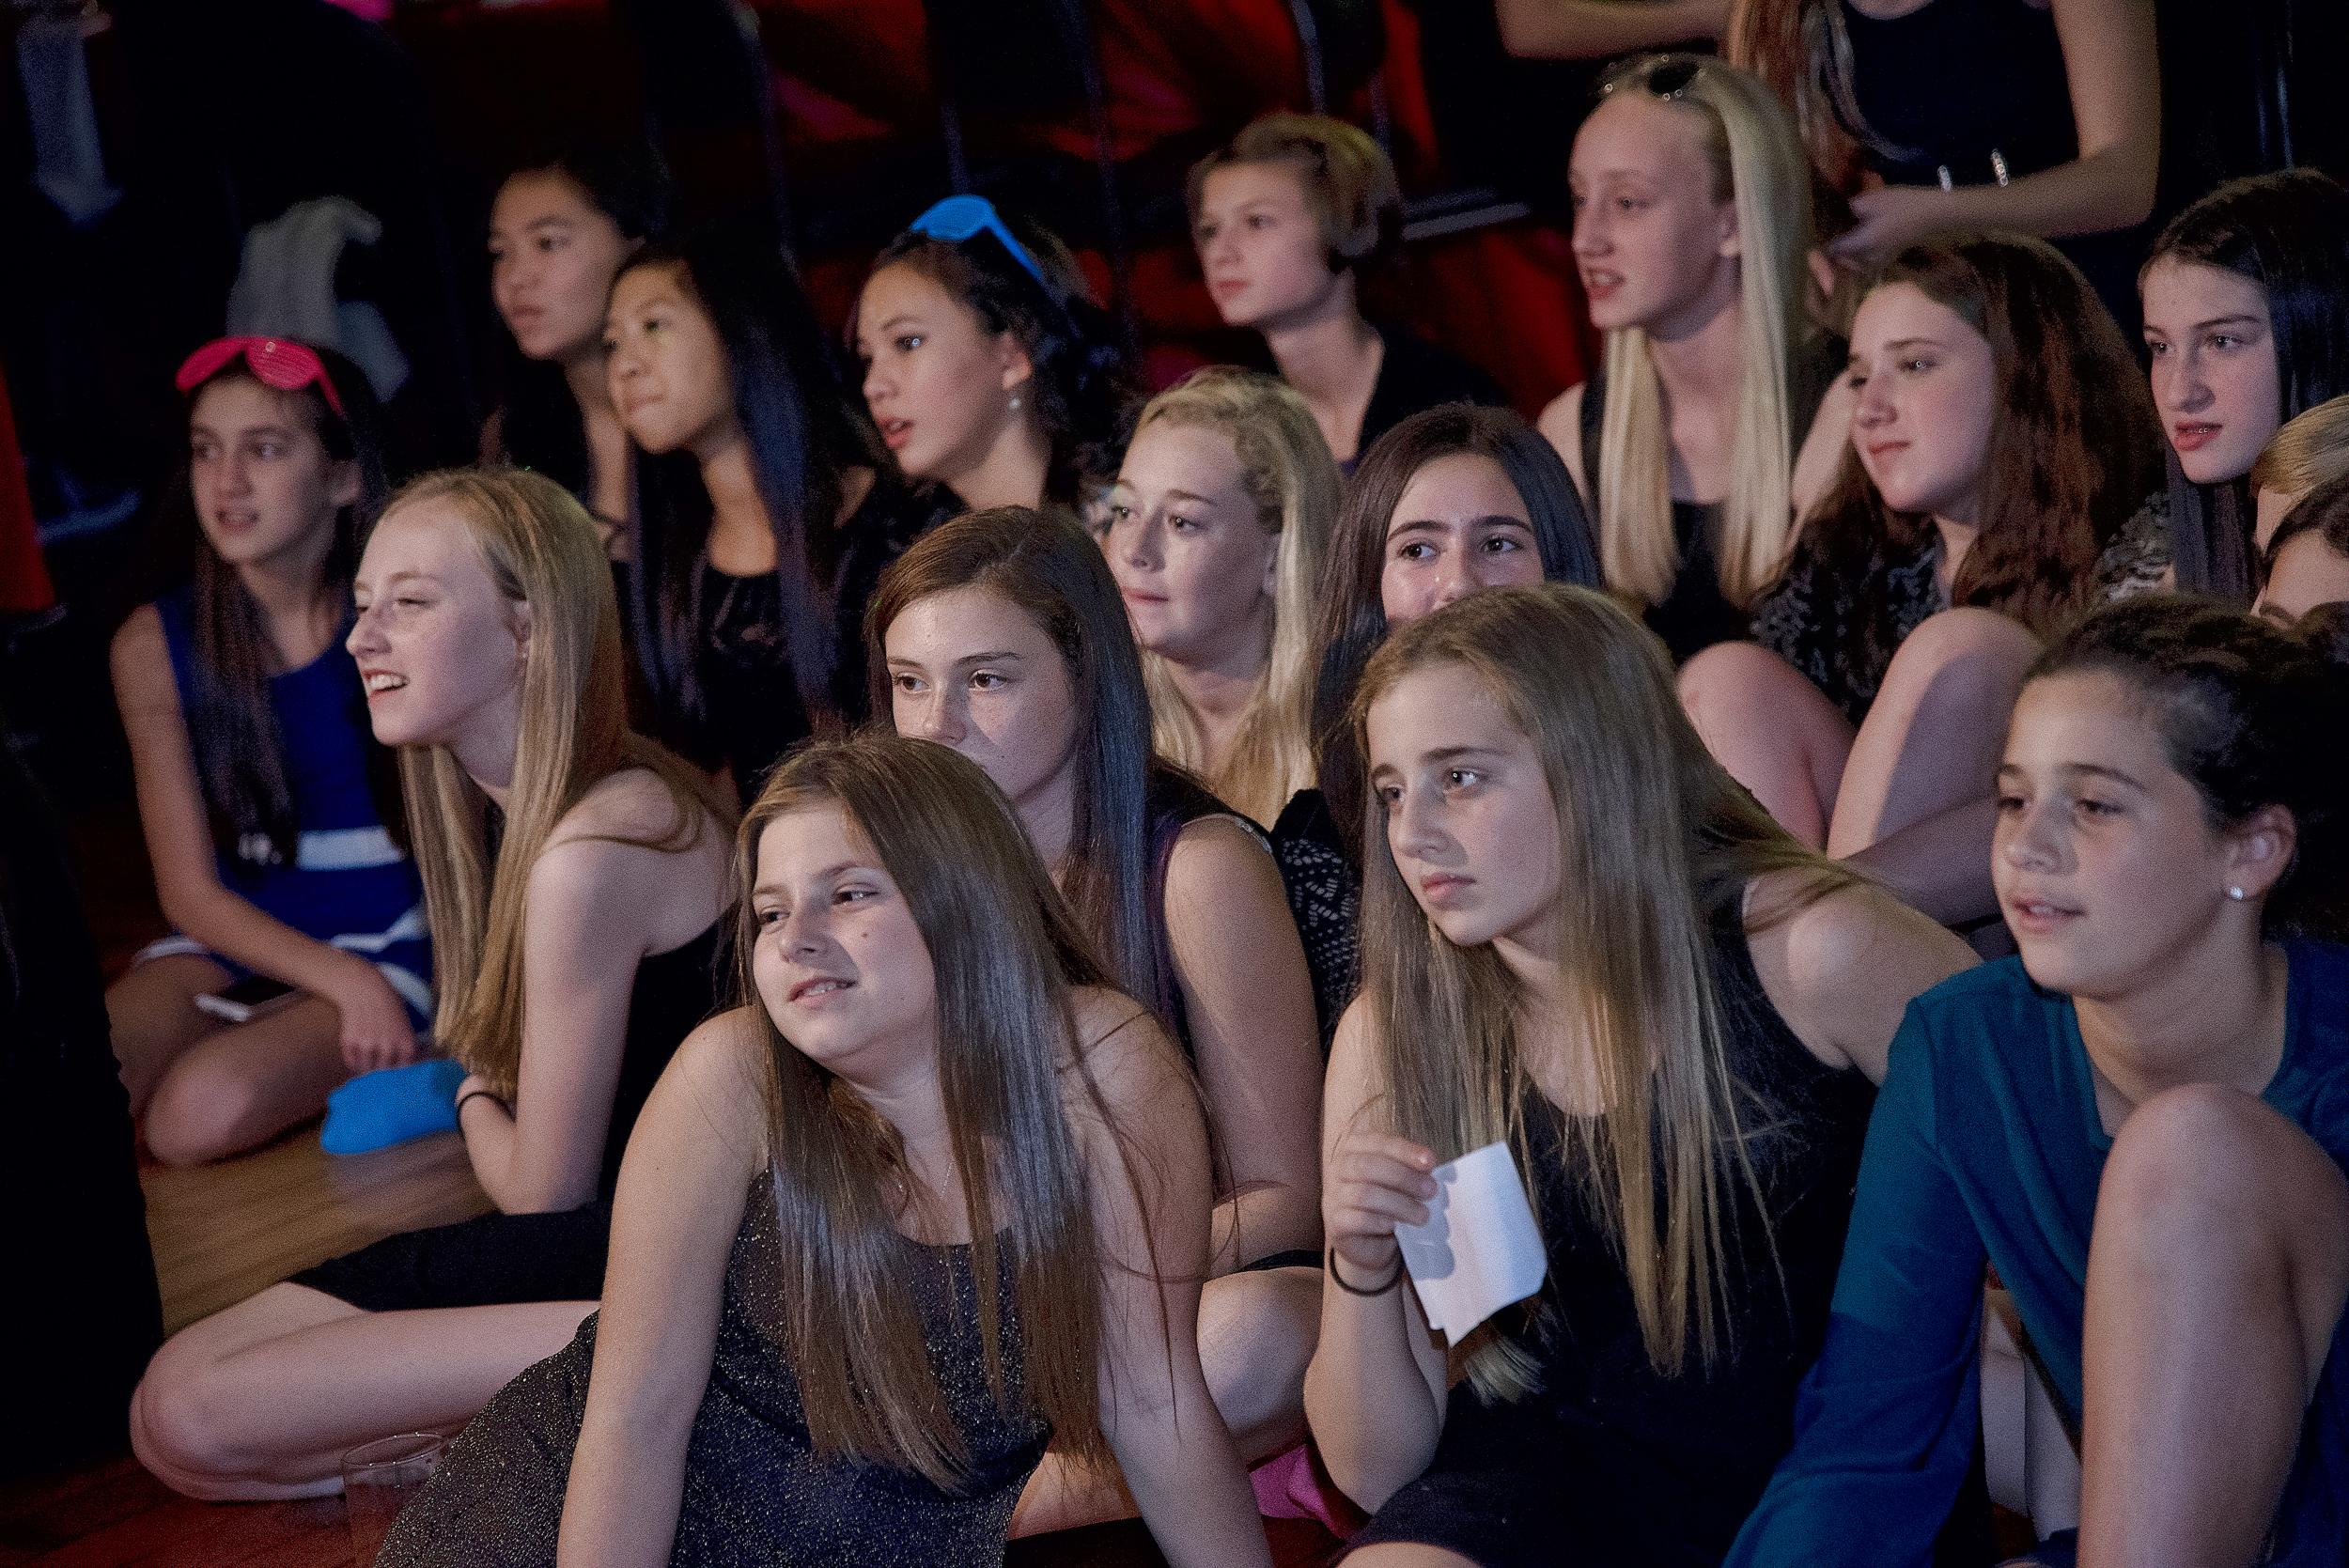 Girls at Bat Mitzvah